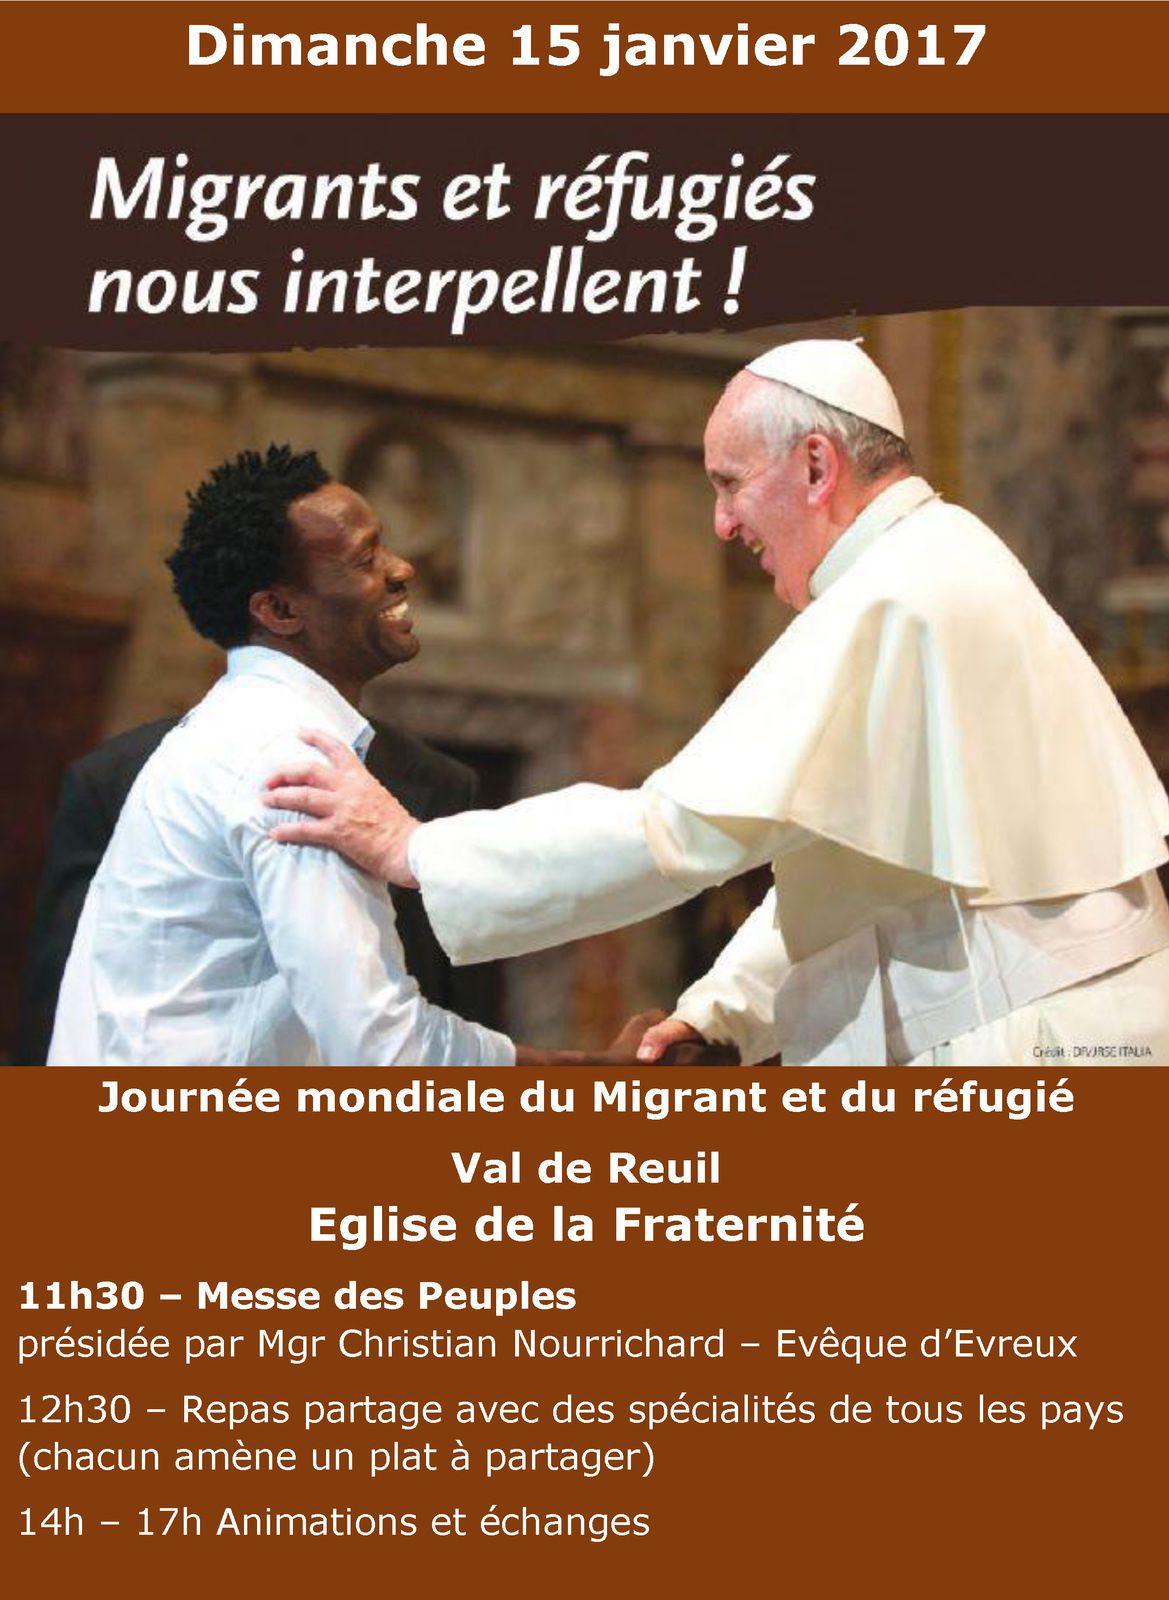 Dimanche 15 janvier 2017, journée des Migrants et des Réfugiés à Val de Reuil (Eure)